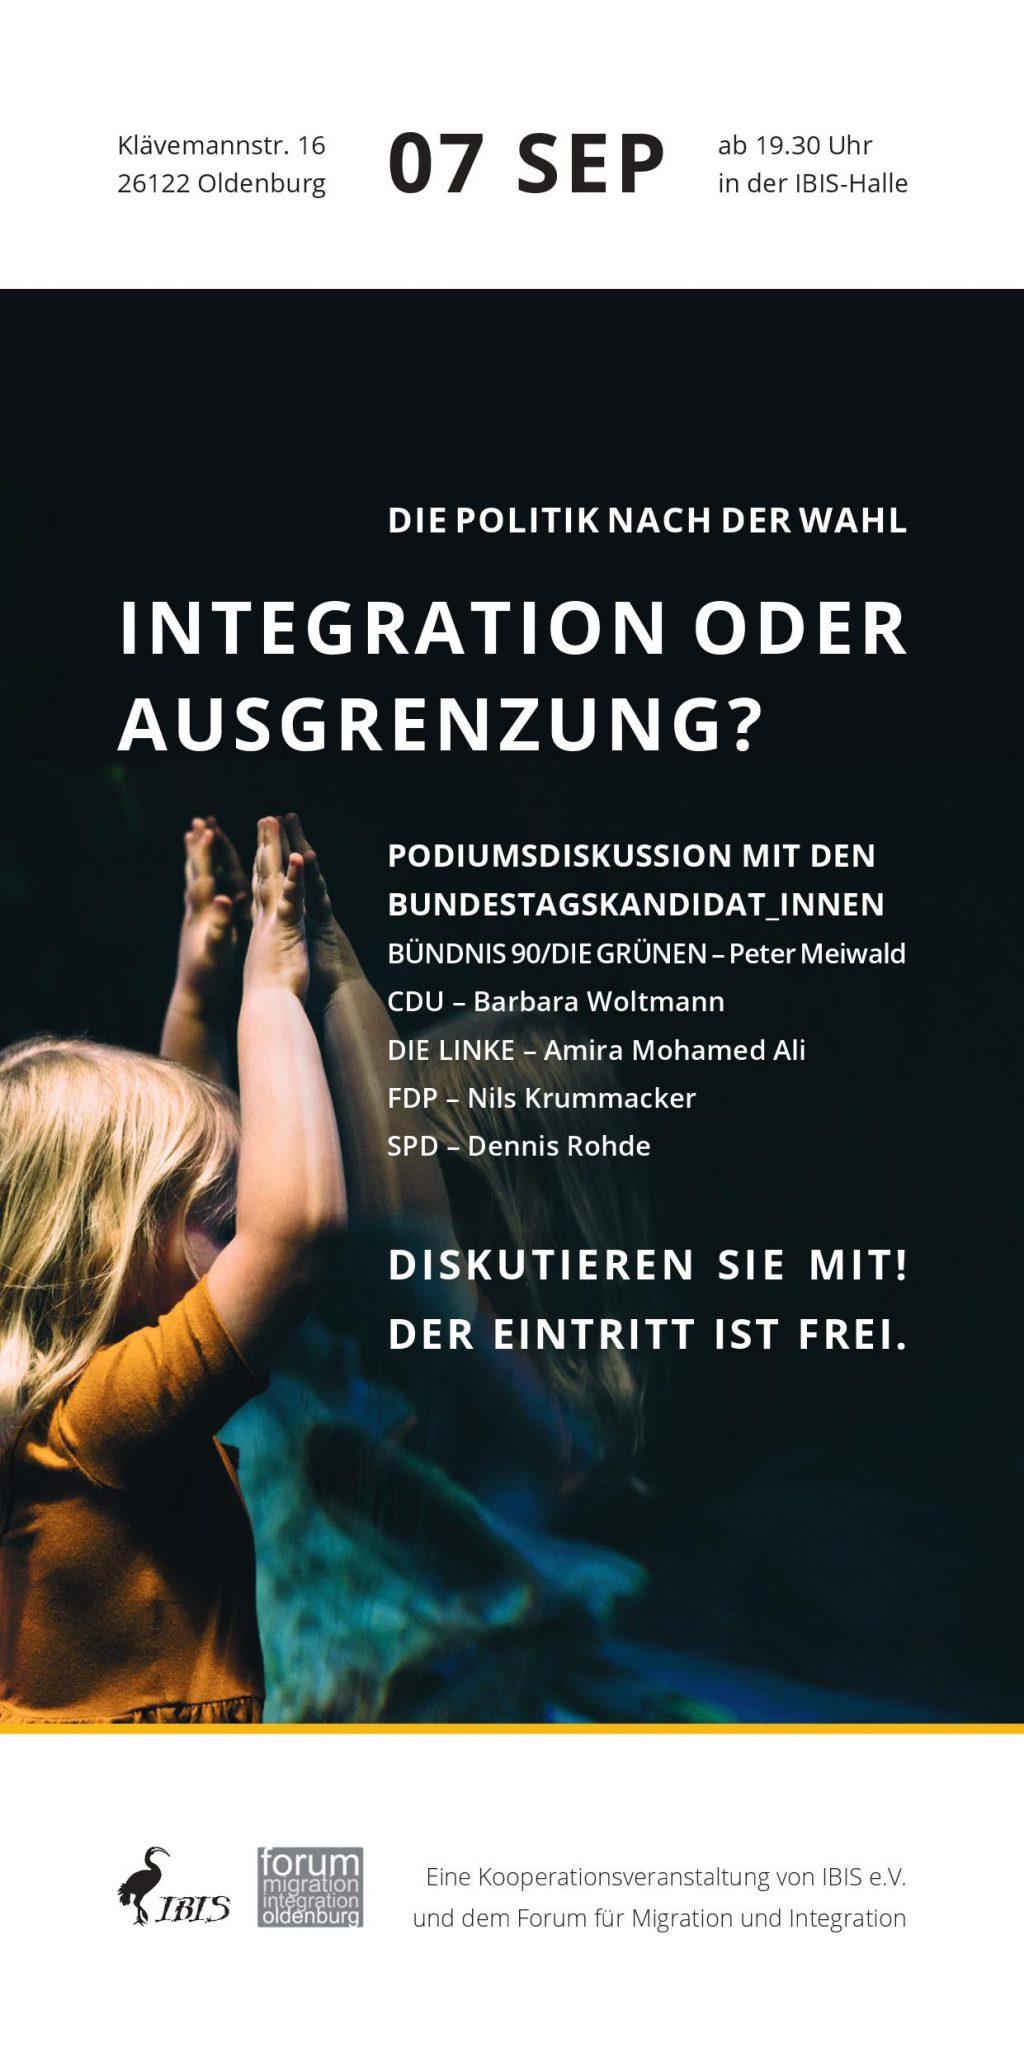 Integration Oder Ausgrenzung? Die Politik Nach Der Wahl